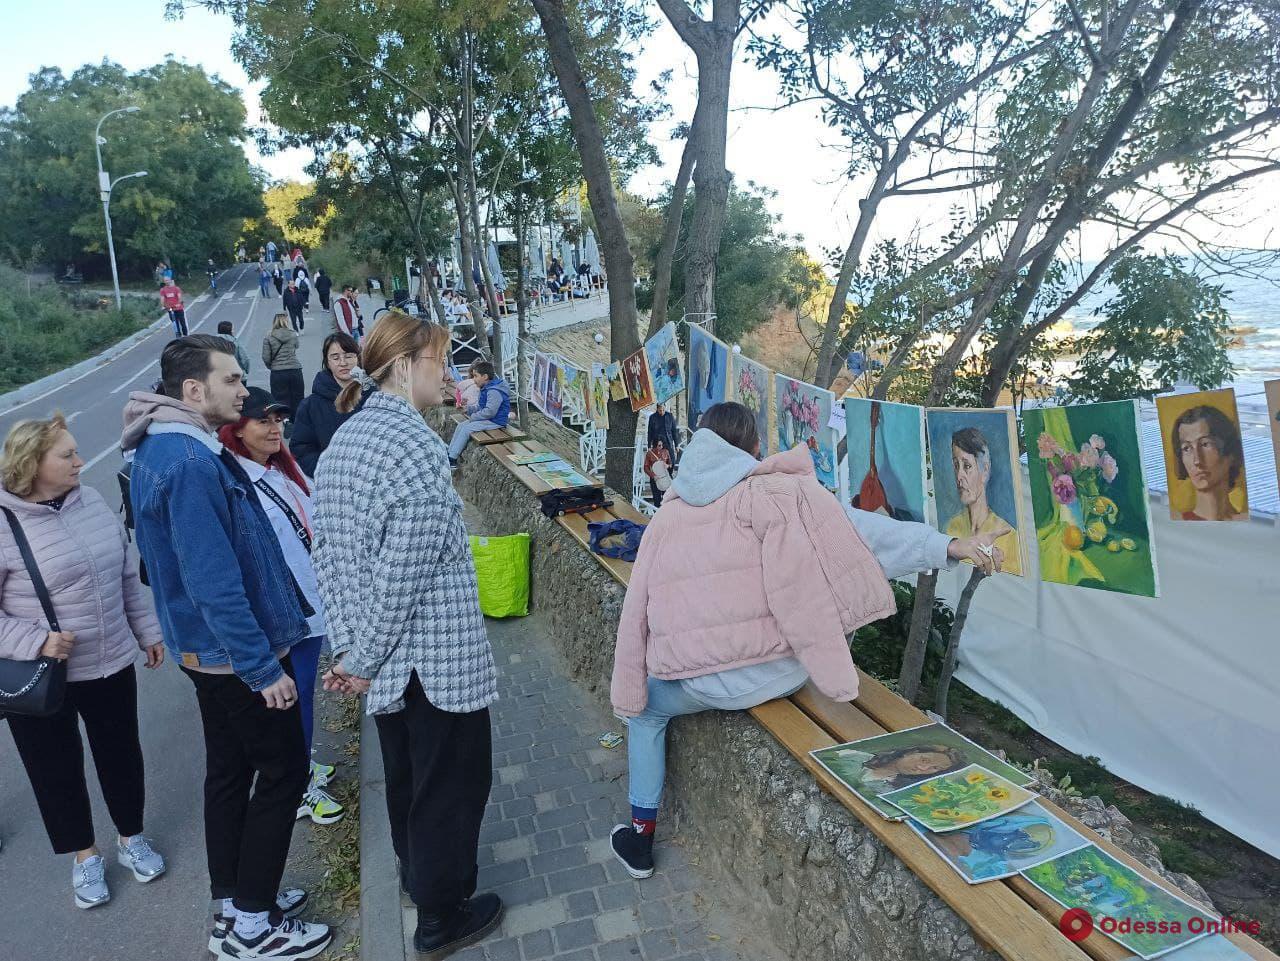 На Трассе здоровья открылась художественная выставка под открытым небом — работы можно купить (фото)